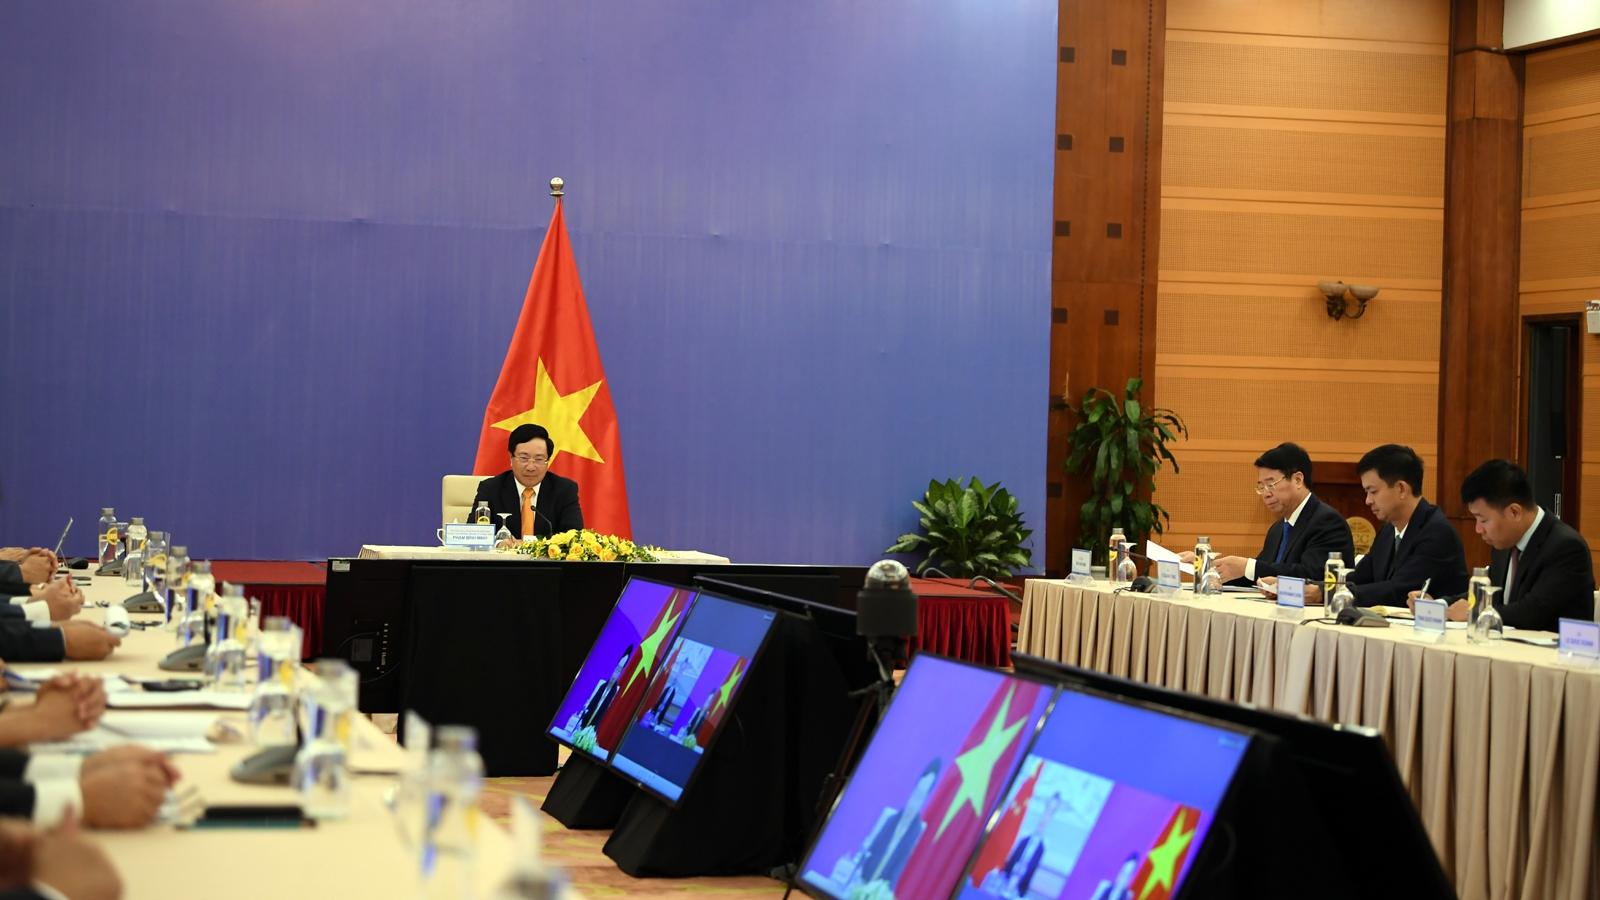 Trung Quốc cảm ơn Việt Nam chia sẻ những khó khăn do mưa lũ